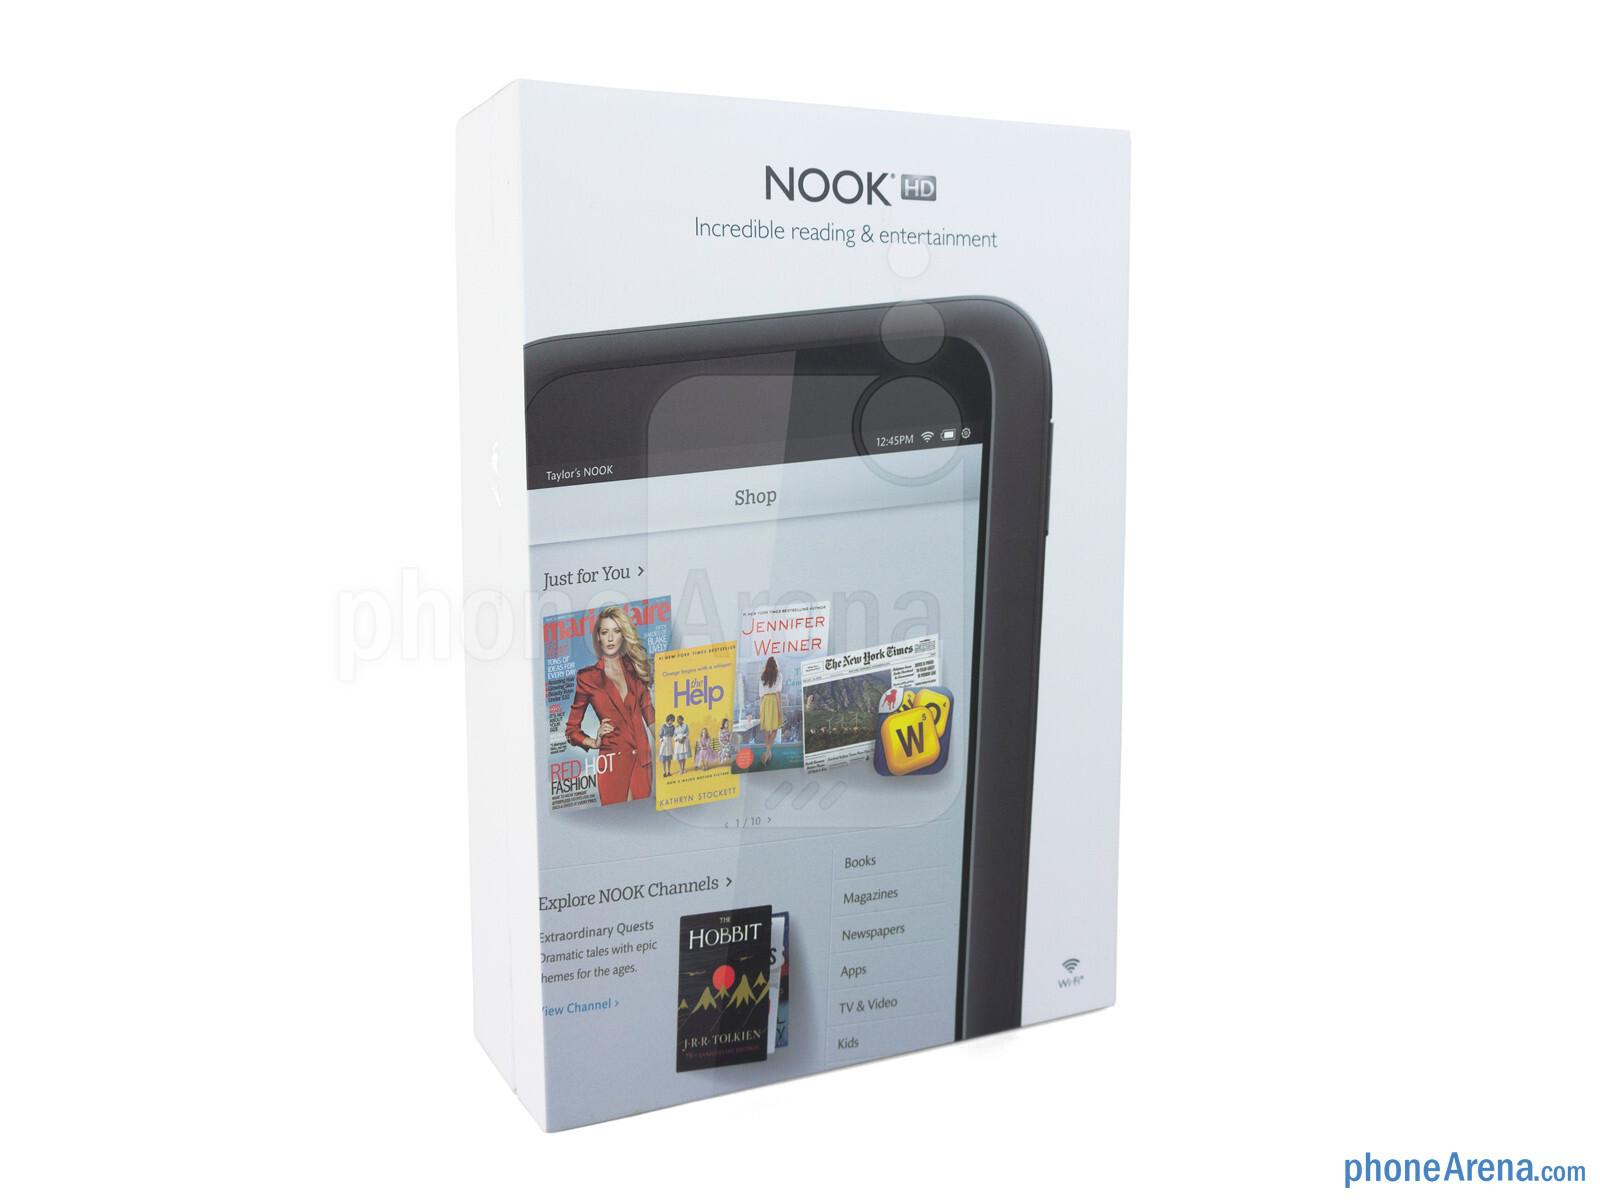 Barnes Noble NOOK HD Review